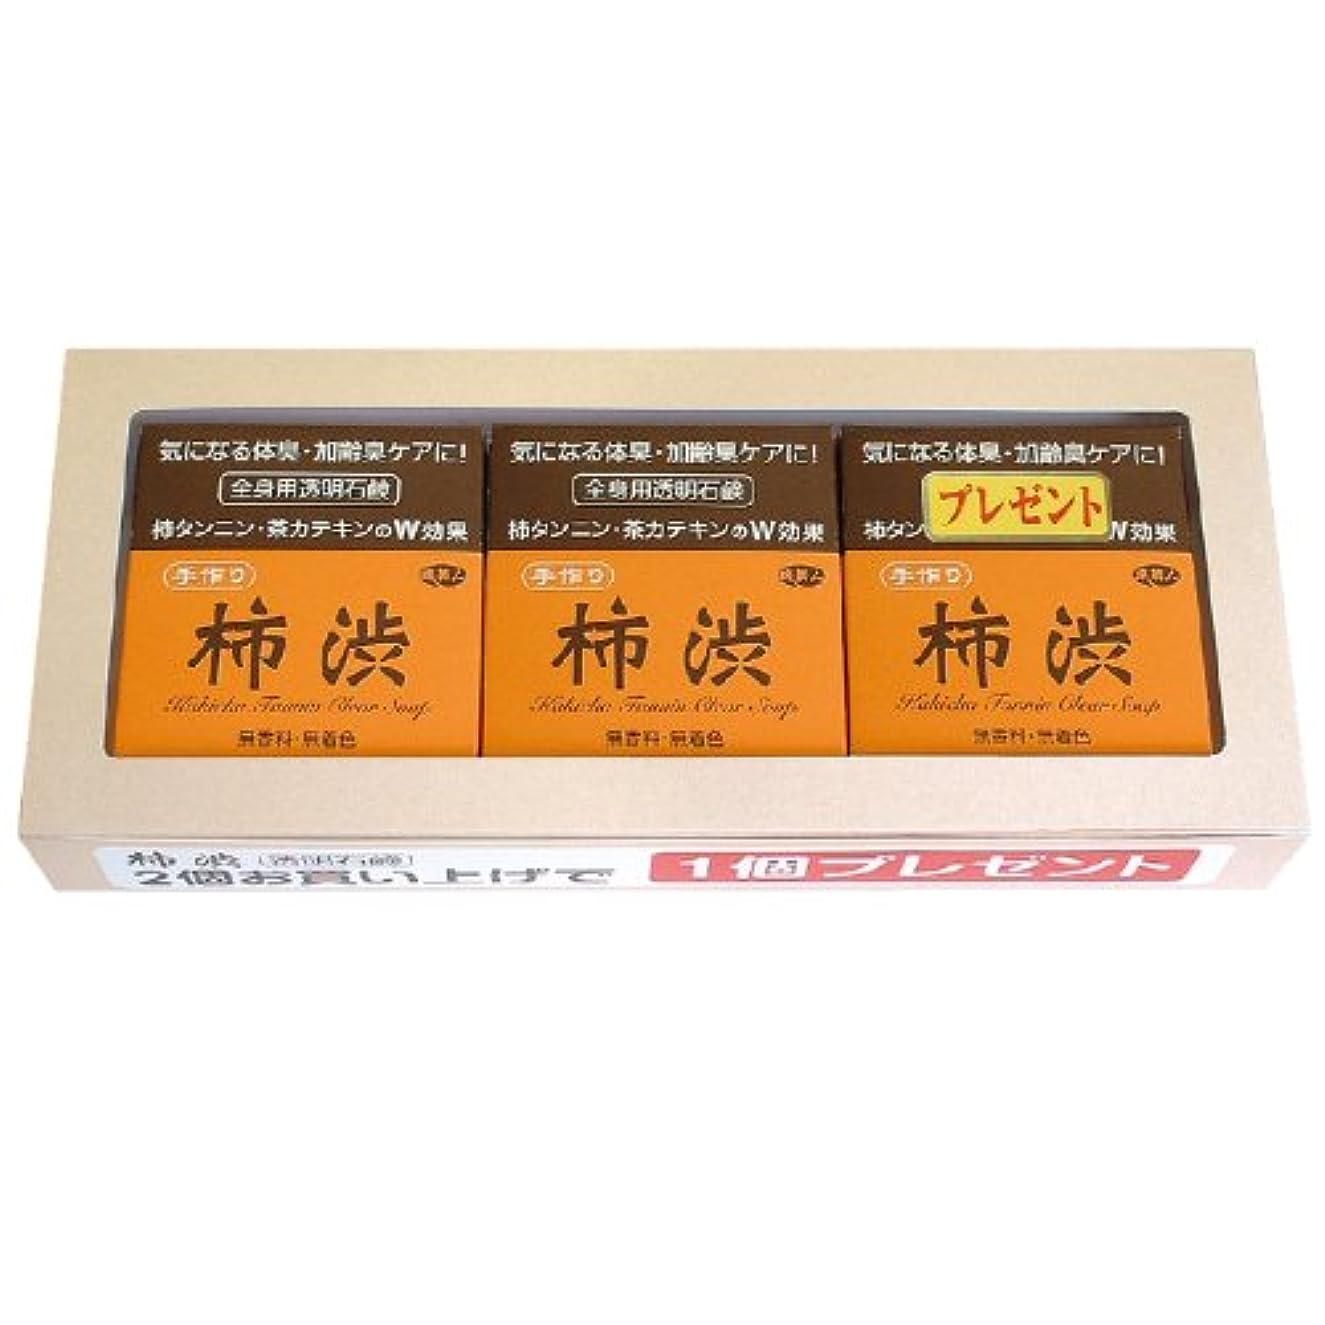 処分したレンジうれしいアズマ商事の 柿渋透明石鹸 2個の値段で3個入りセット